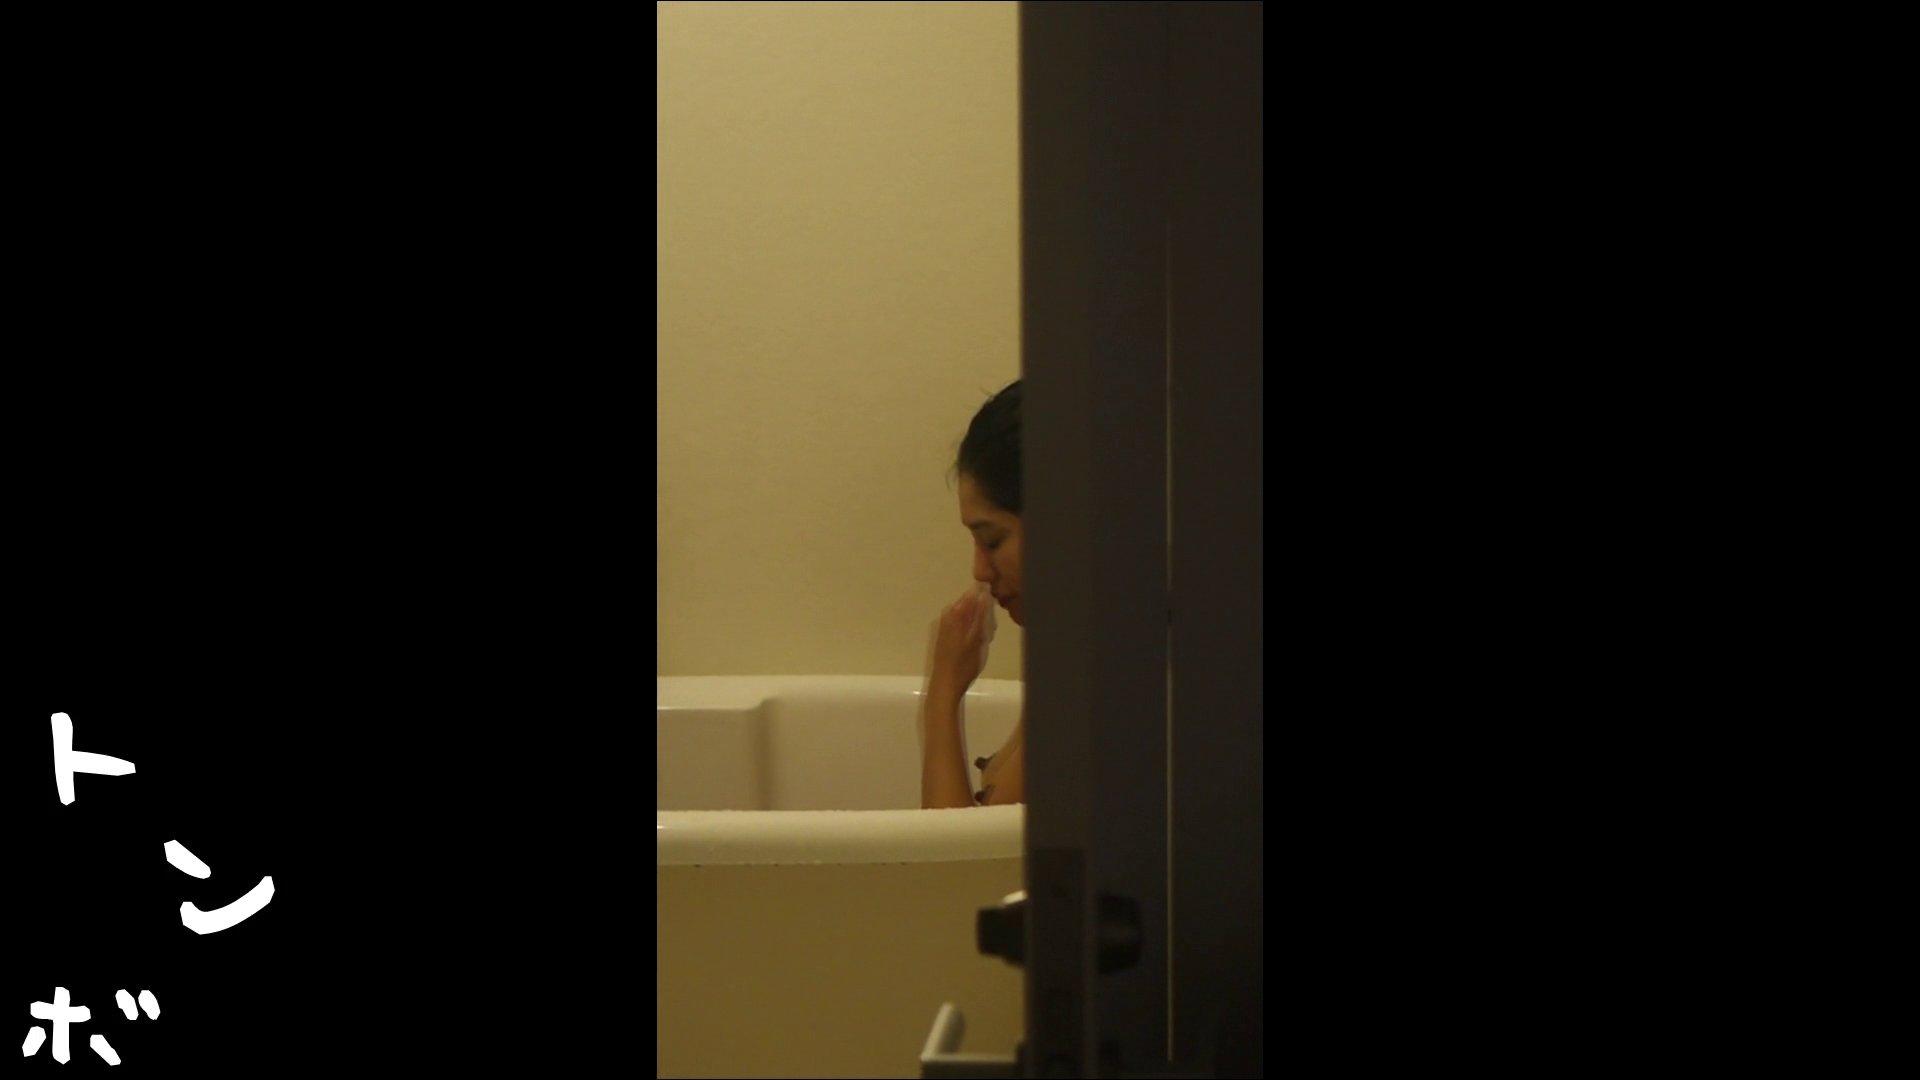 リアル盗撮 オナニー有り!現役モデルのシャワーシーン1 美女ハメ撮り  93Pix 7